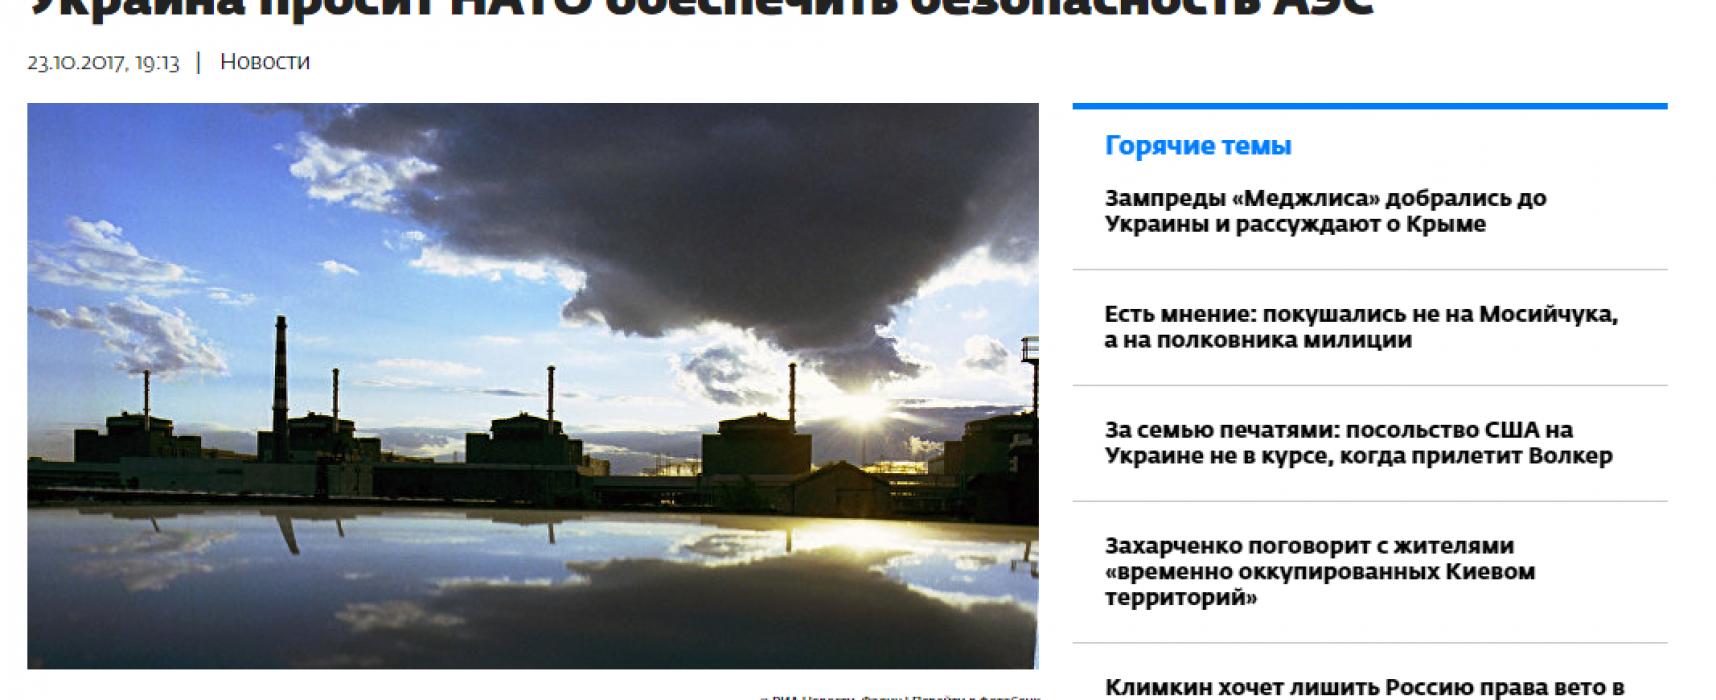 Фейк: без НАТО Украина не может обеспечить безопасность своих АЭС